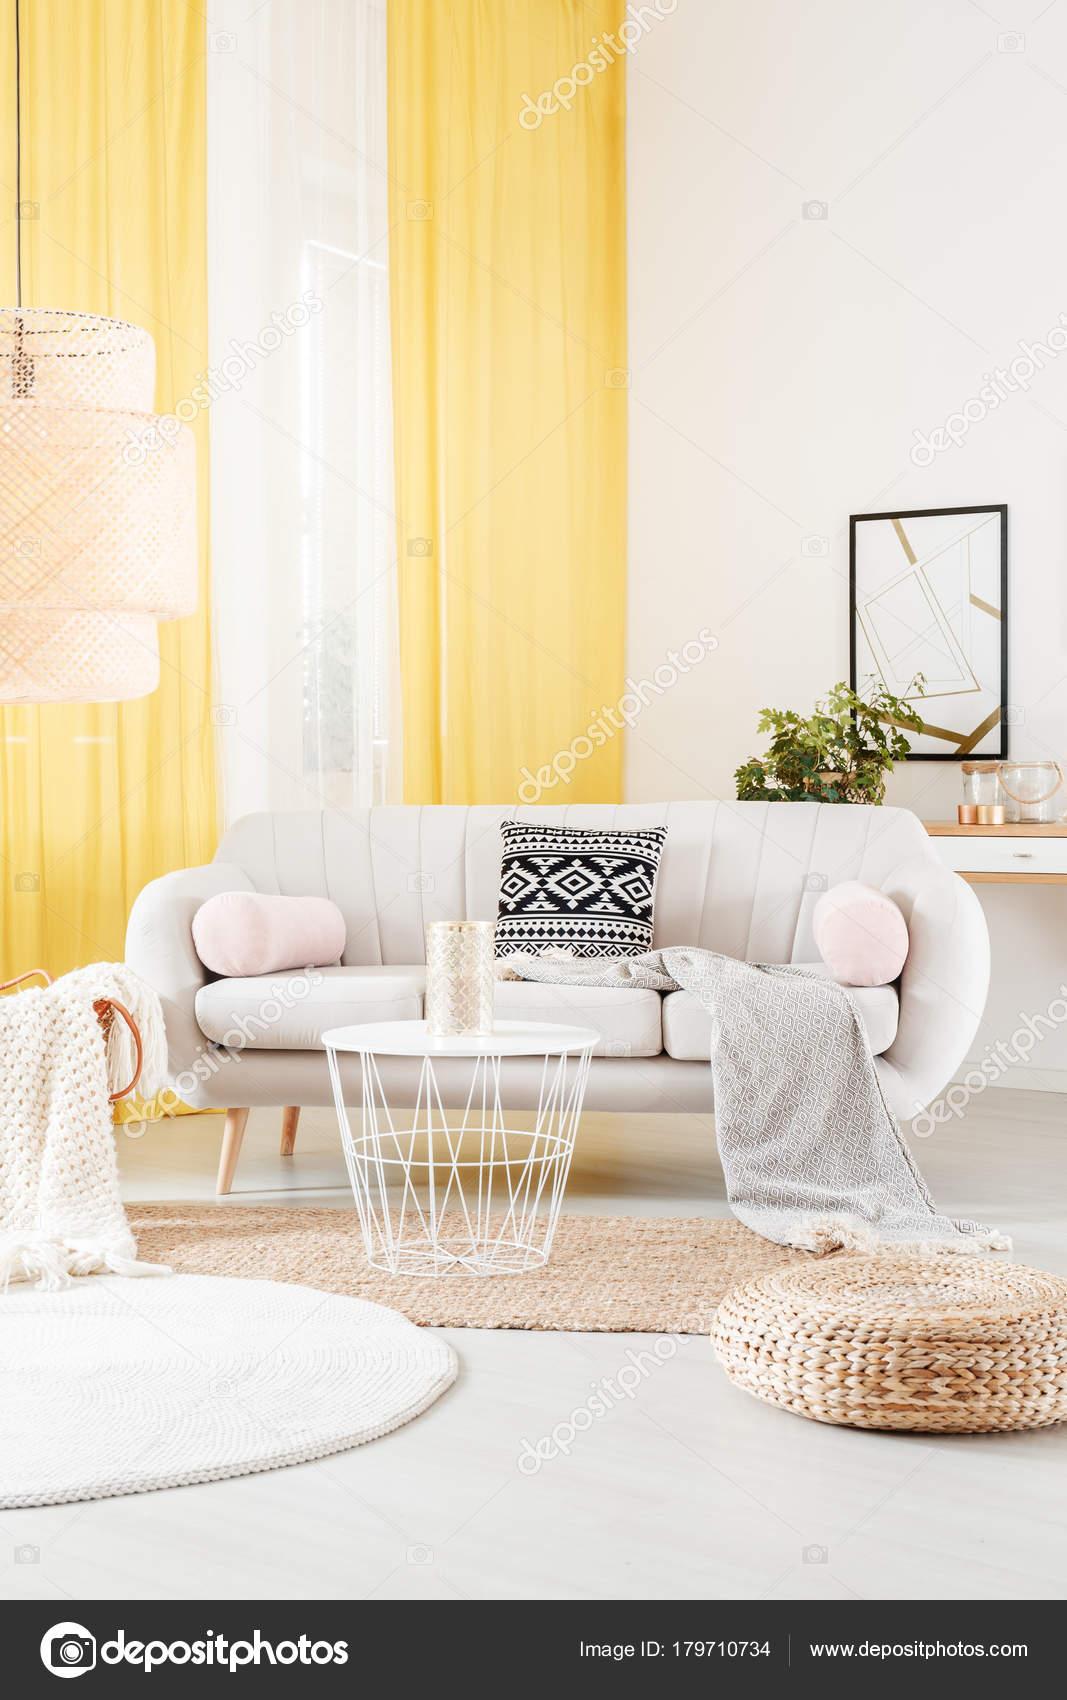 warm interieur met gele gordijnen stockfoto